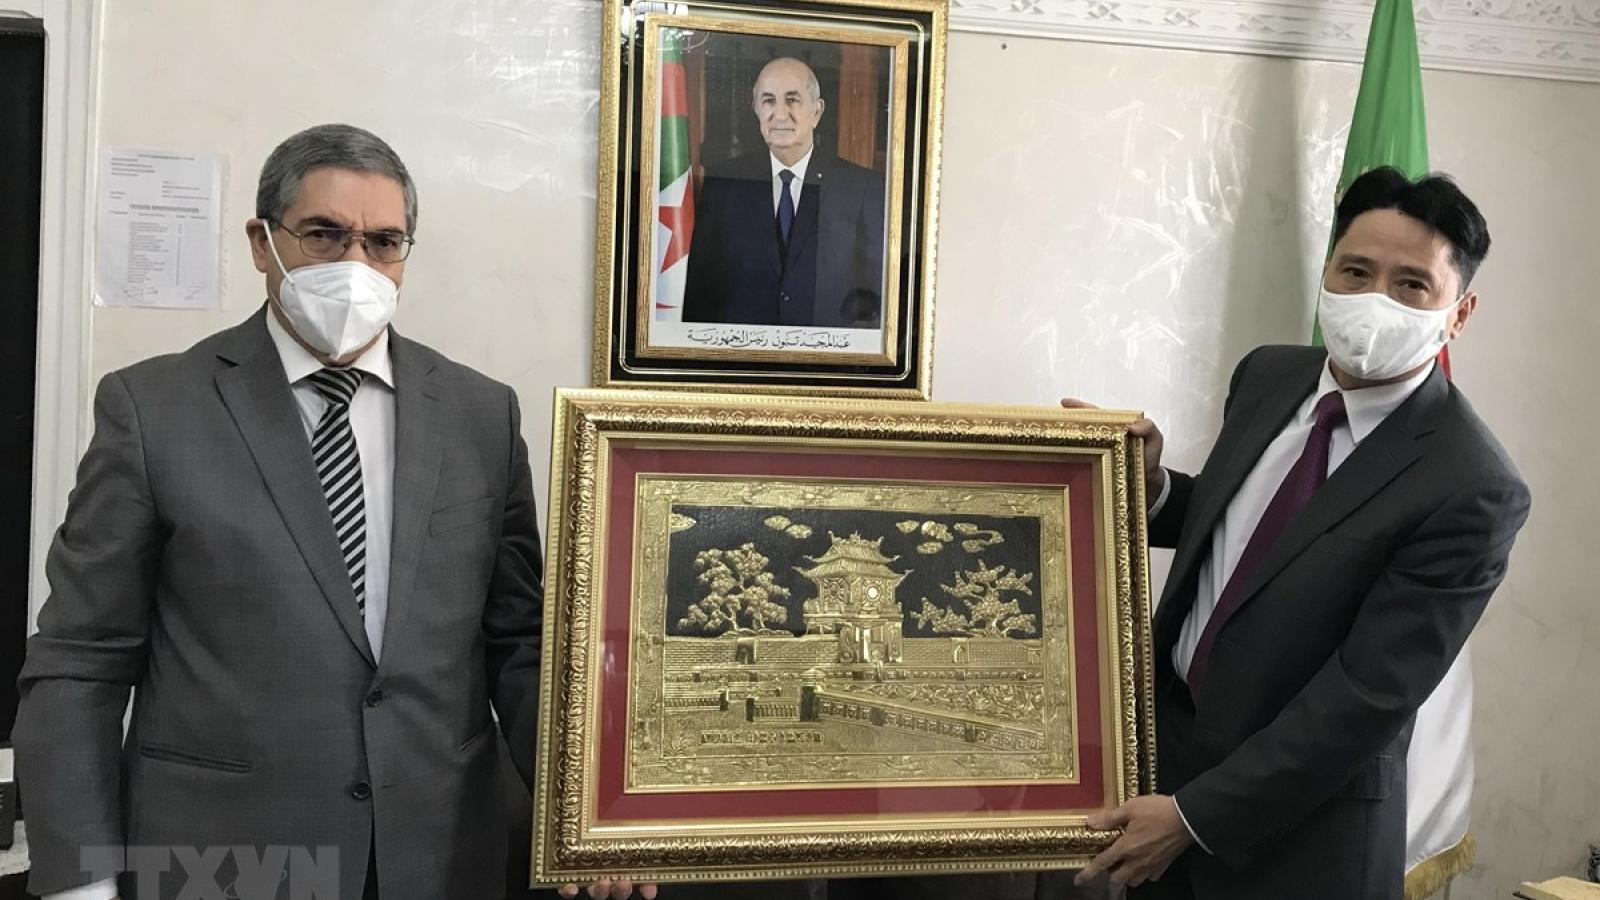 Vietnam seeks to strengthen trade ties with Algeria